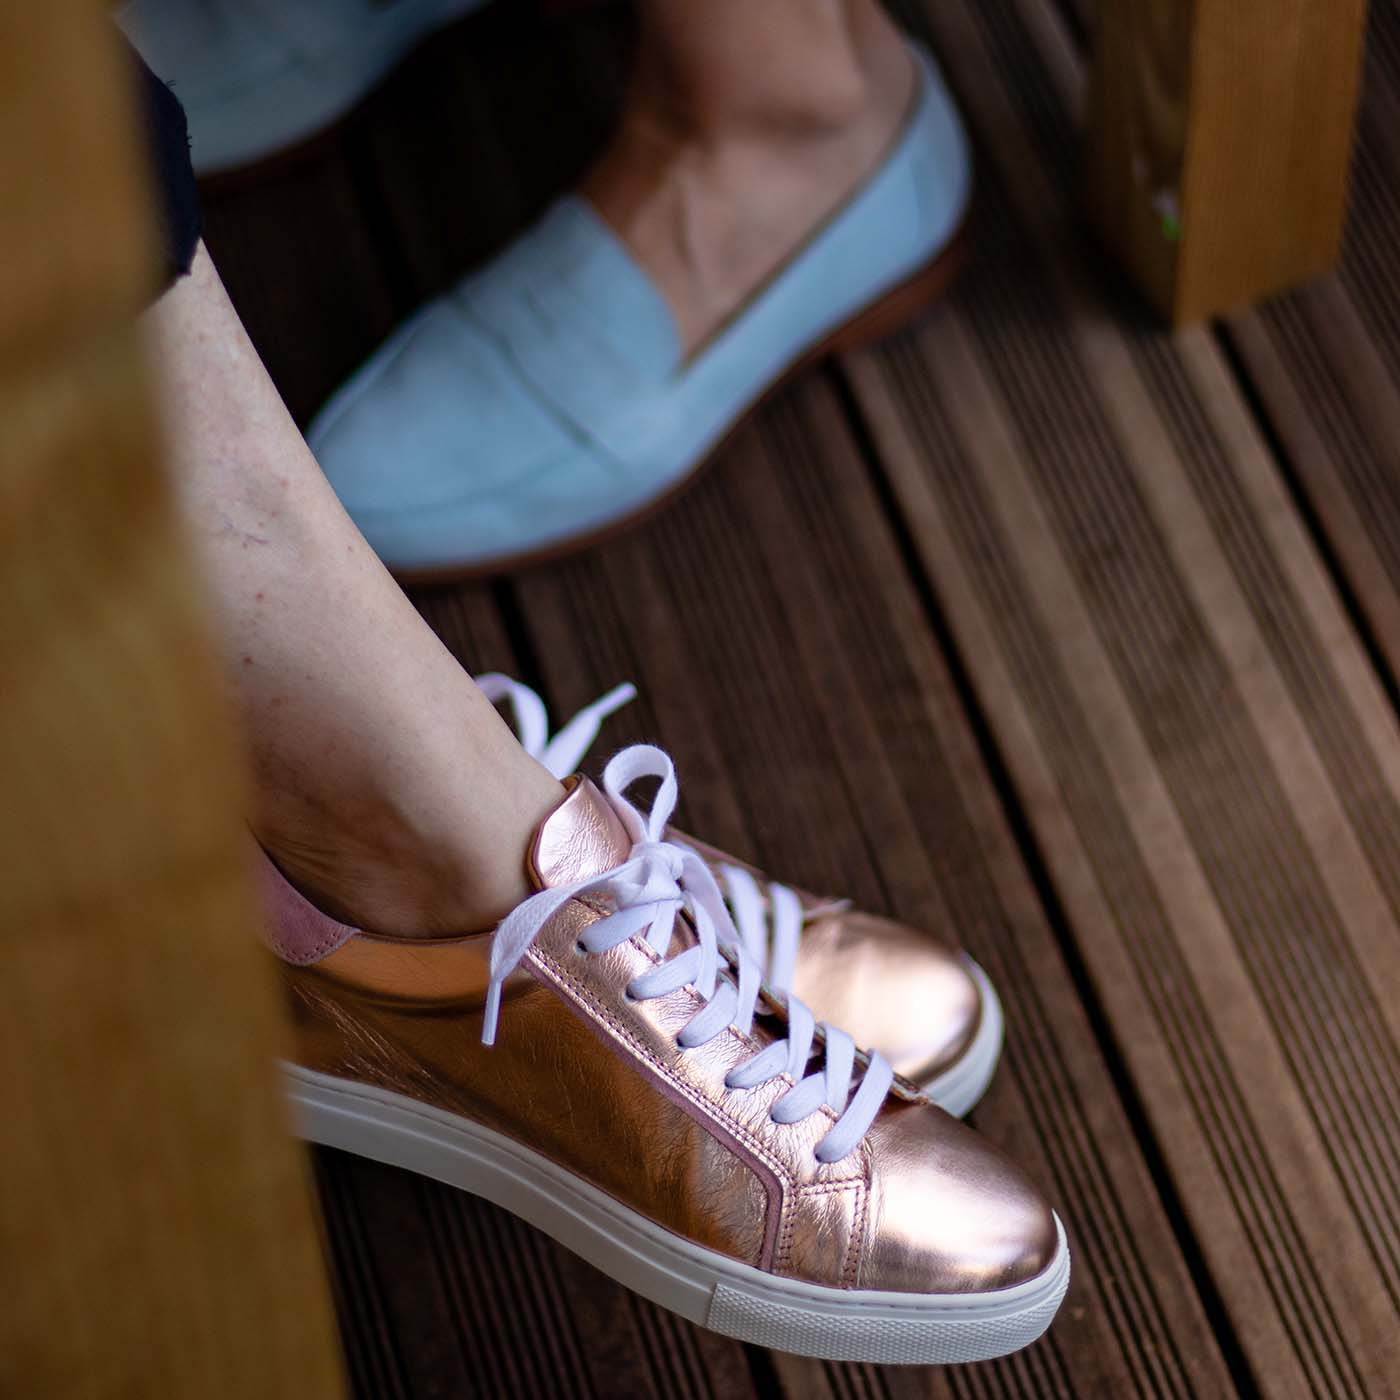 Sneakers semelles orthopédiques femme hallux valgus